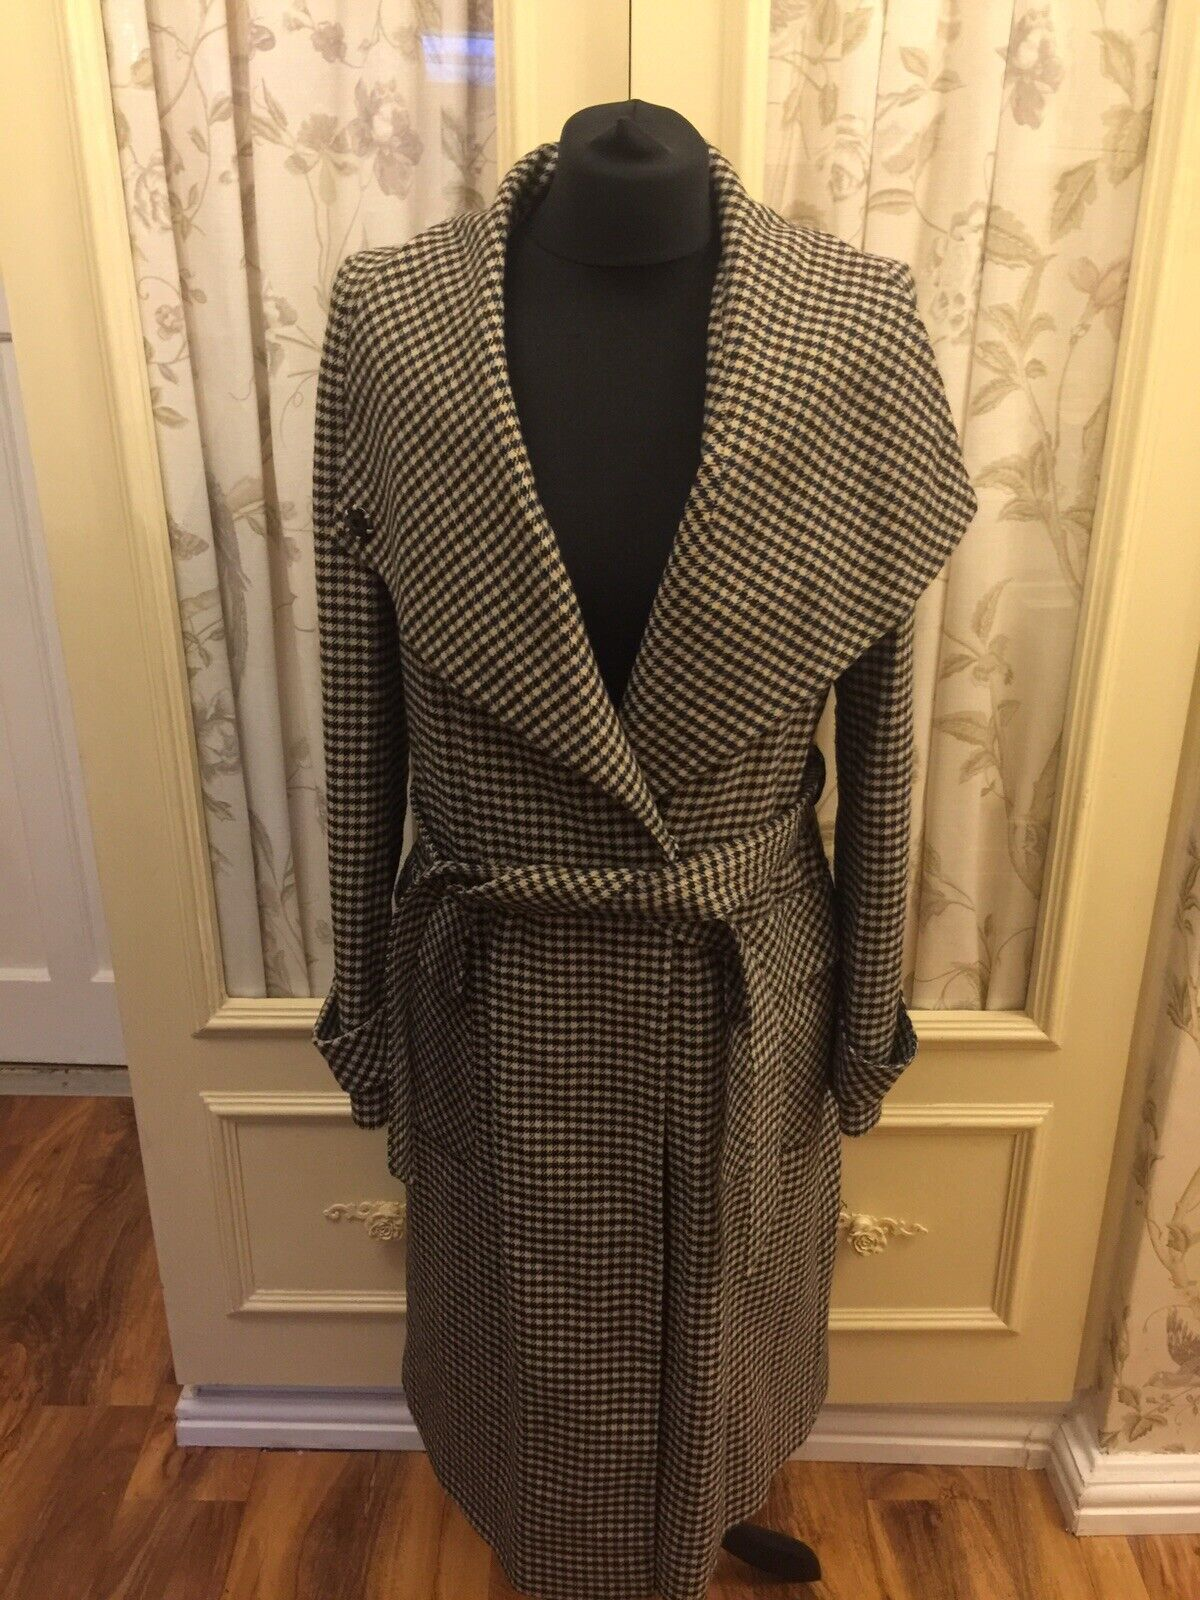 Gergous Next Designer Ladies Coat